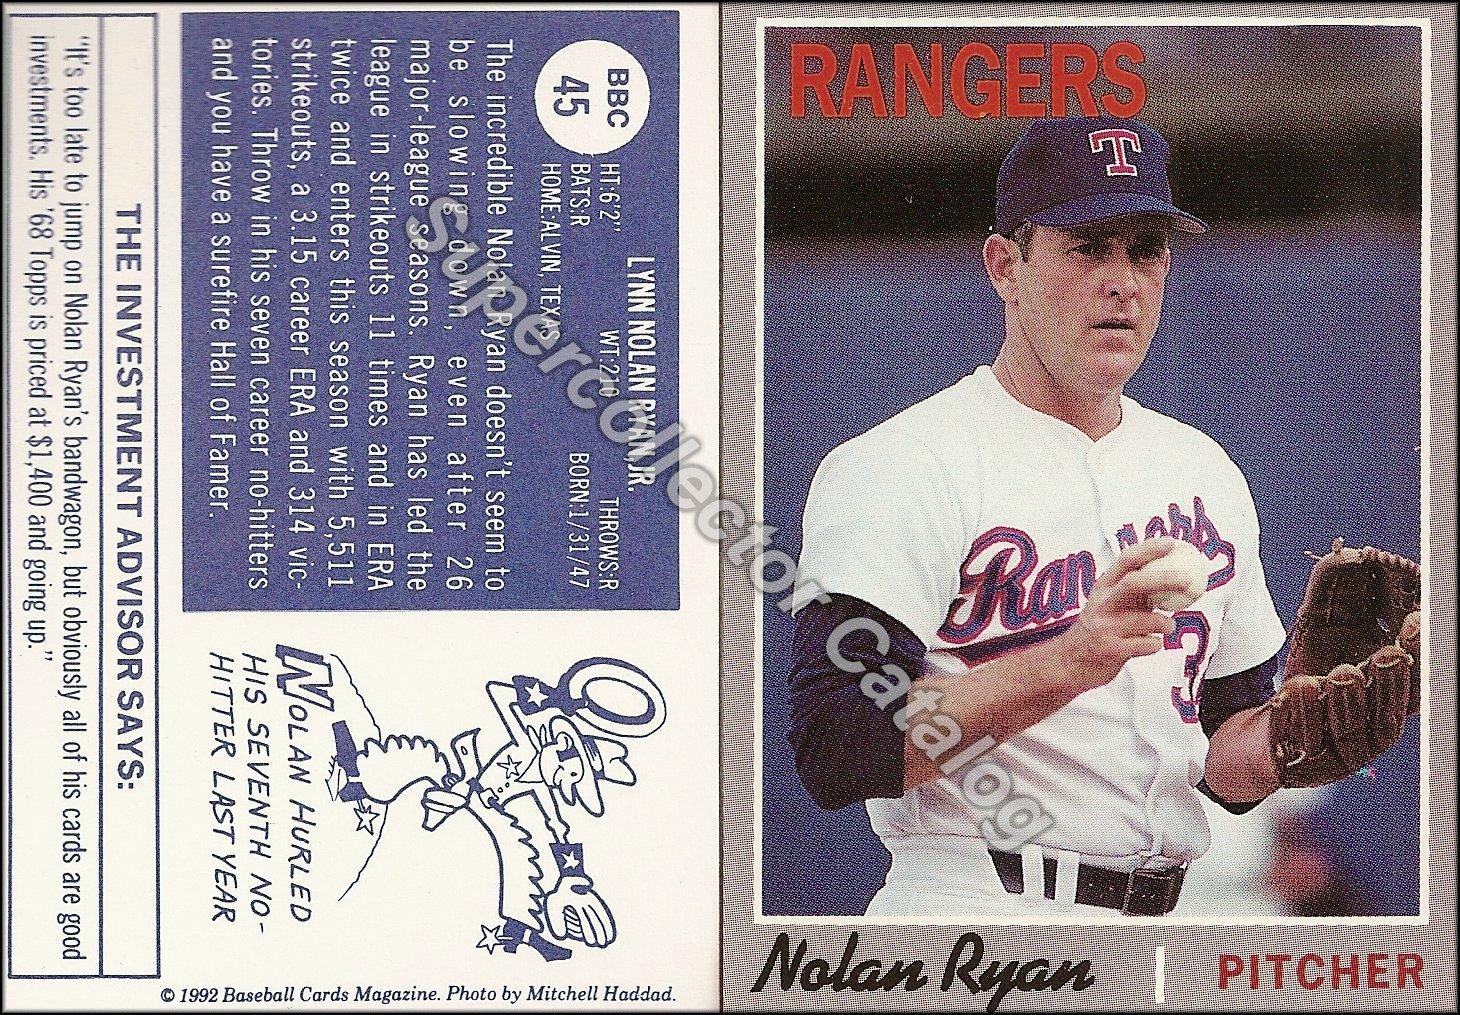 1992 Baseball Card Magazine Insert ('70 Topps)